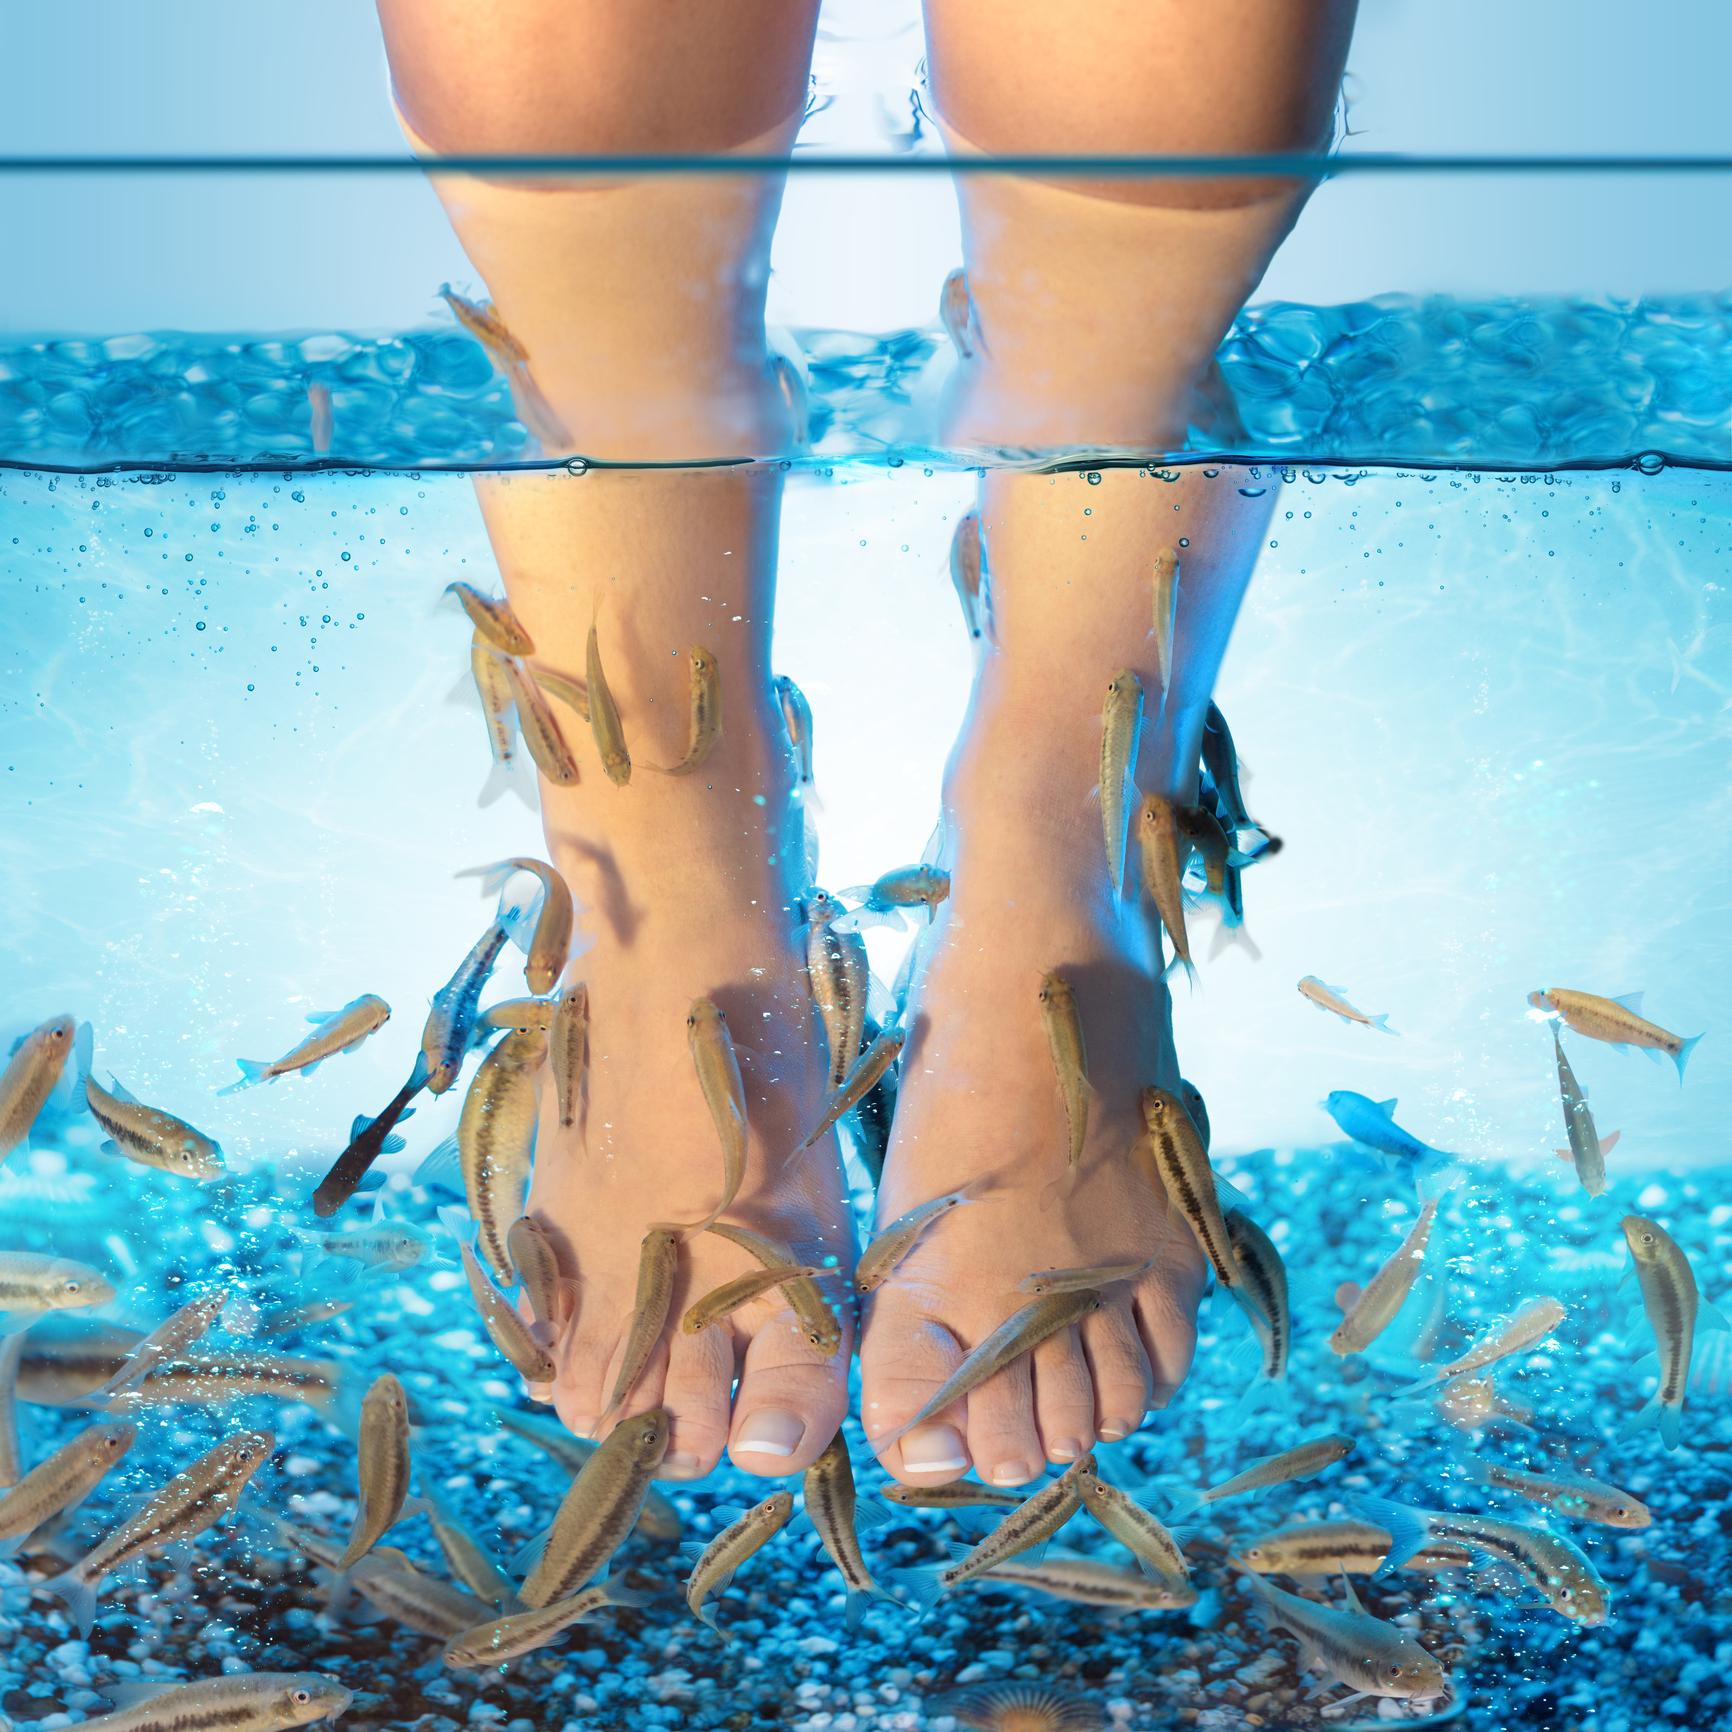 Institut für Fußpflege & Wellness